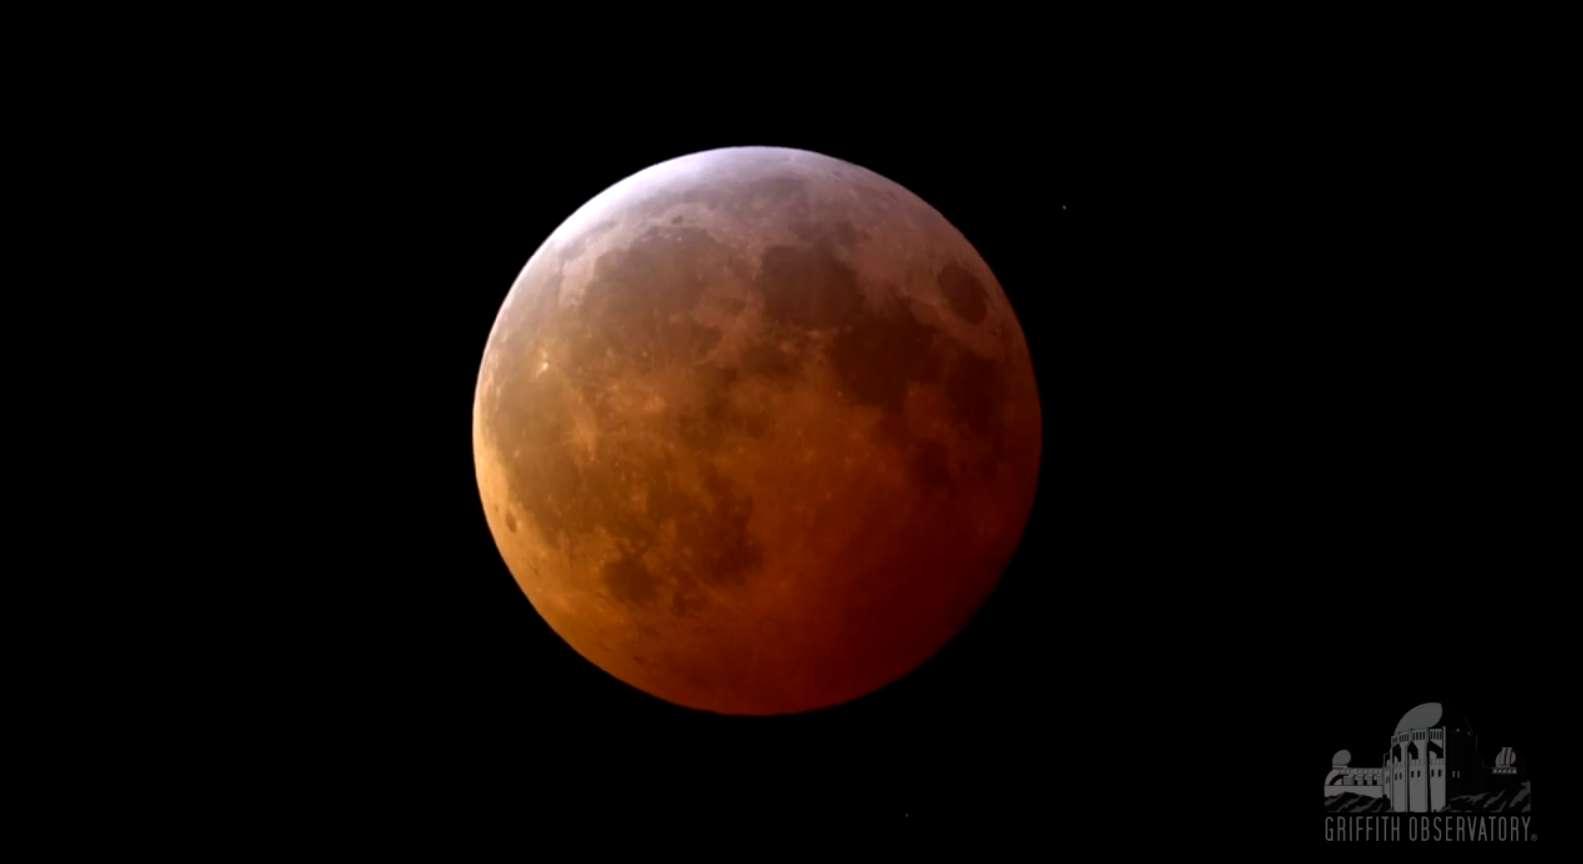 La Lune parée de teintes cuivrées au cours de l'éclipse totale du 21 janvier 2019. © Griffith Observatory